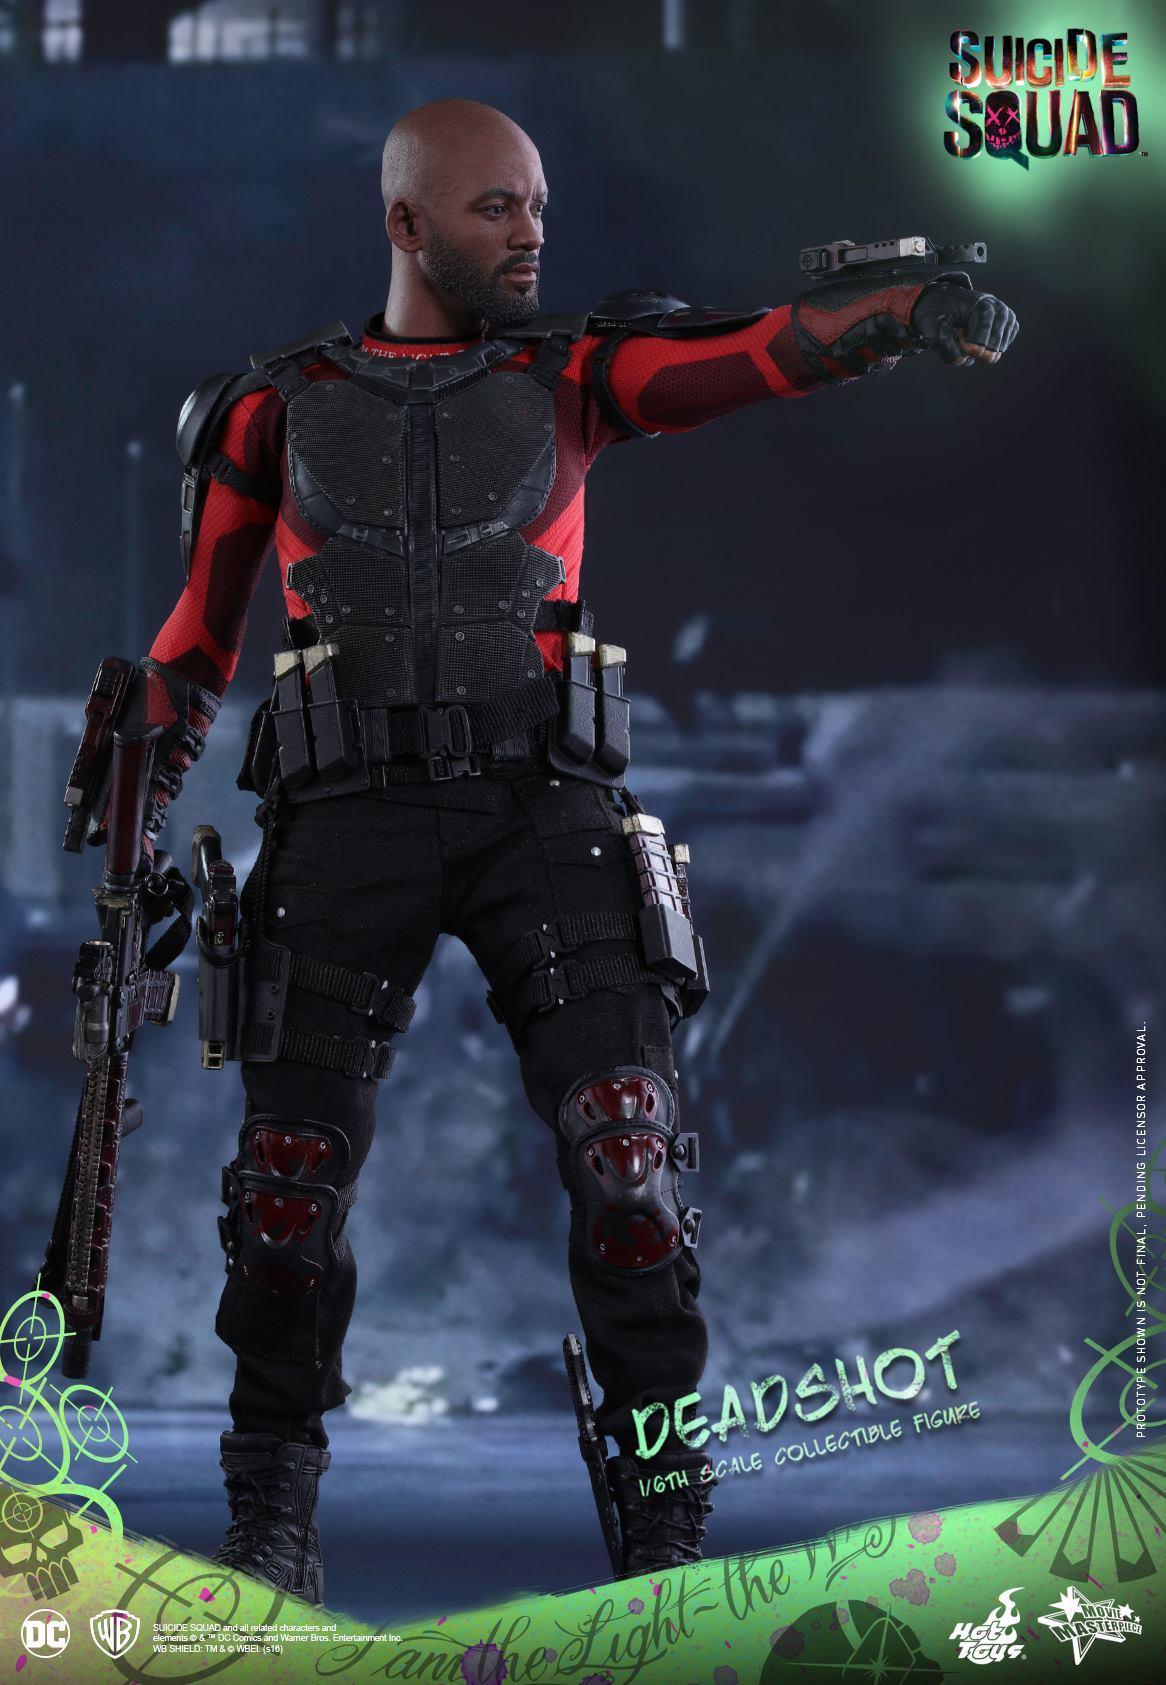 Hot-Toys-Suicide-Squad-Deadshot-5